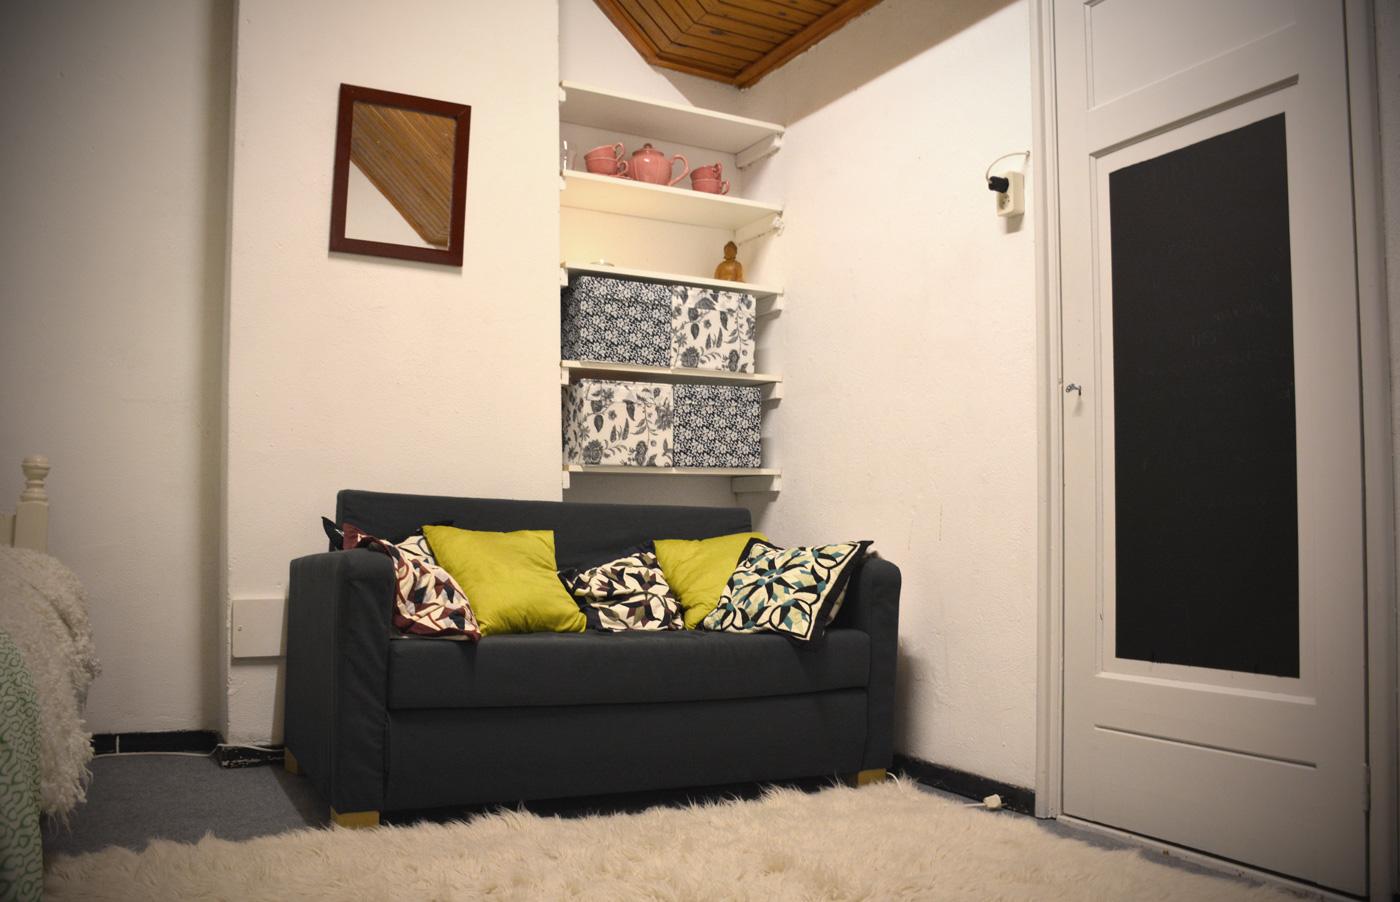 Goedkoop slaapkamer idees beste inspiratie voor interieur design en meubels idee n - Slaapkamer idee ...